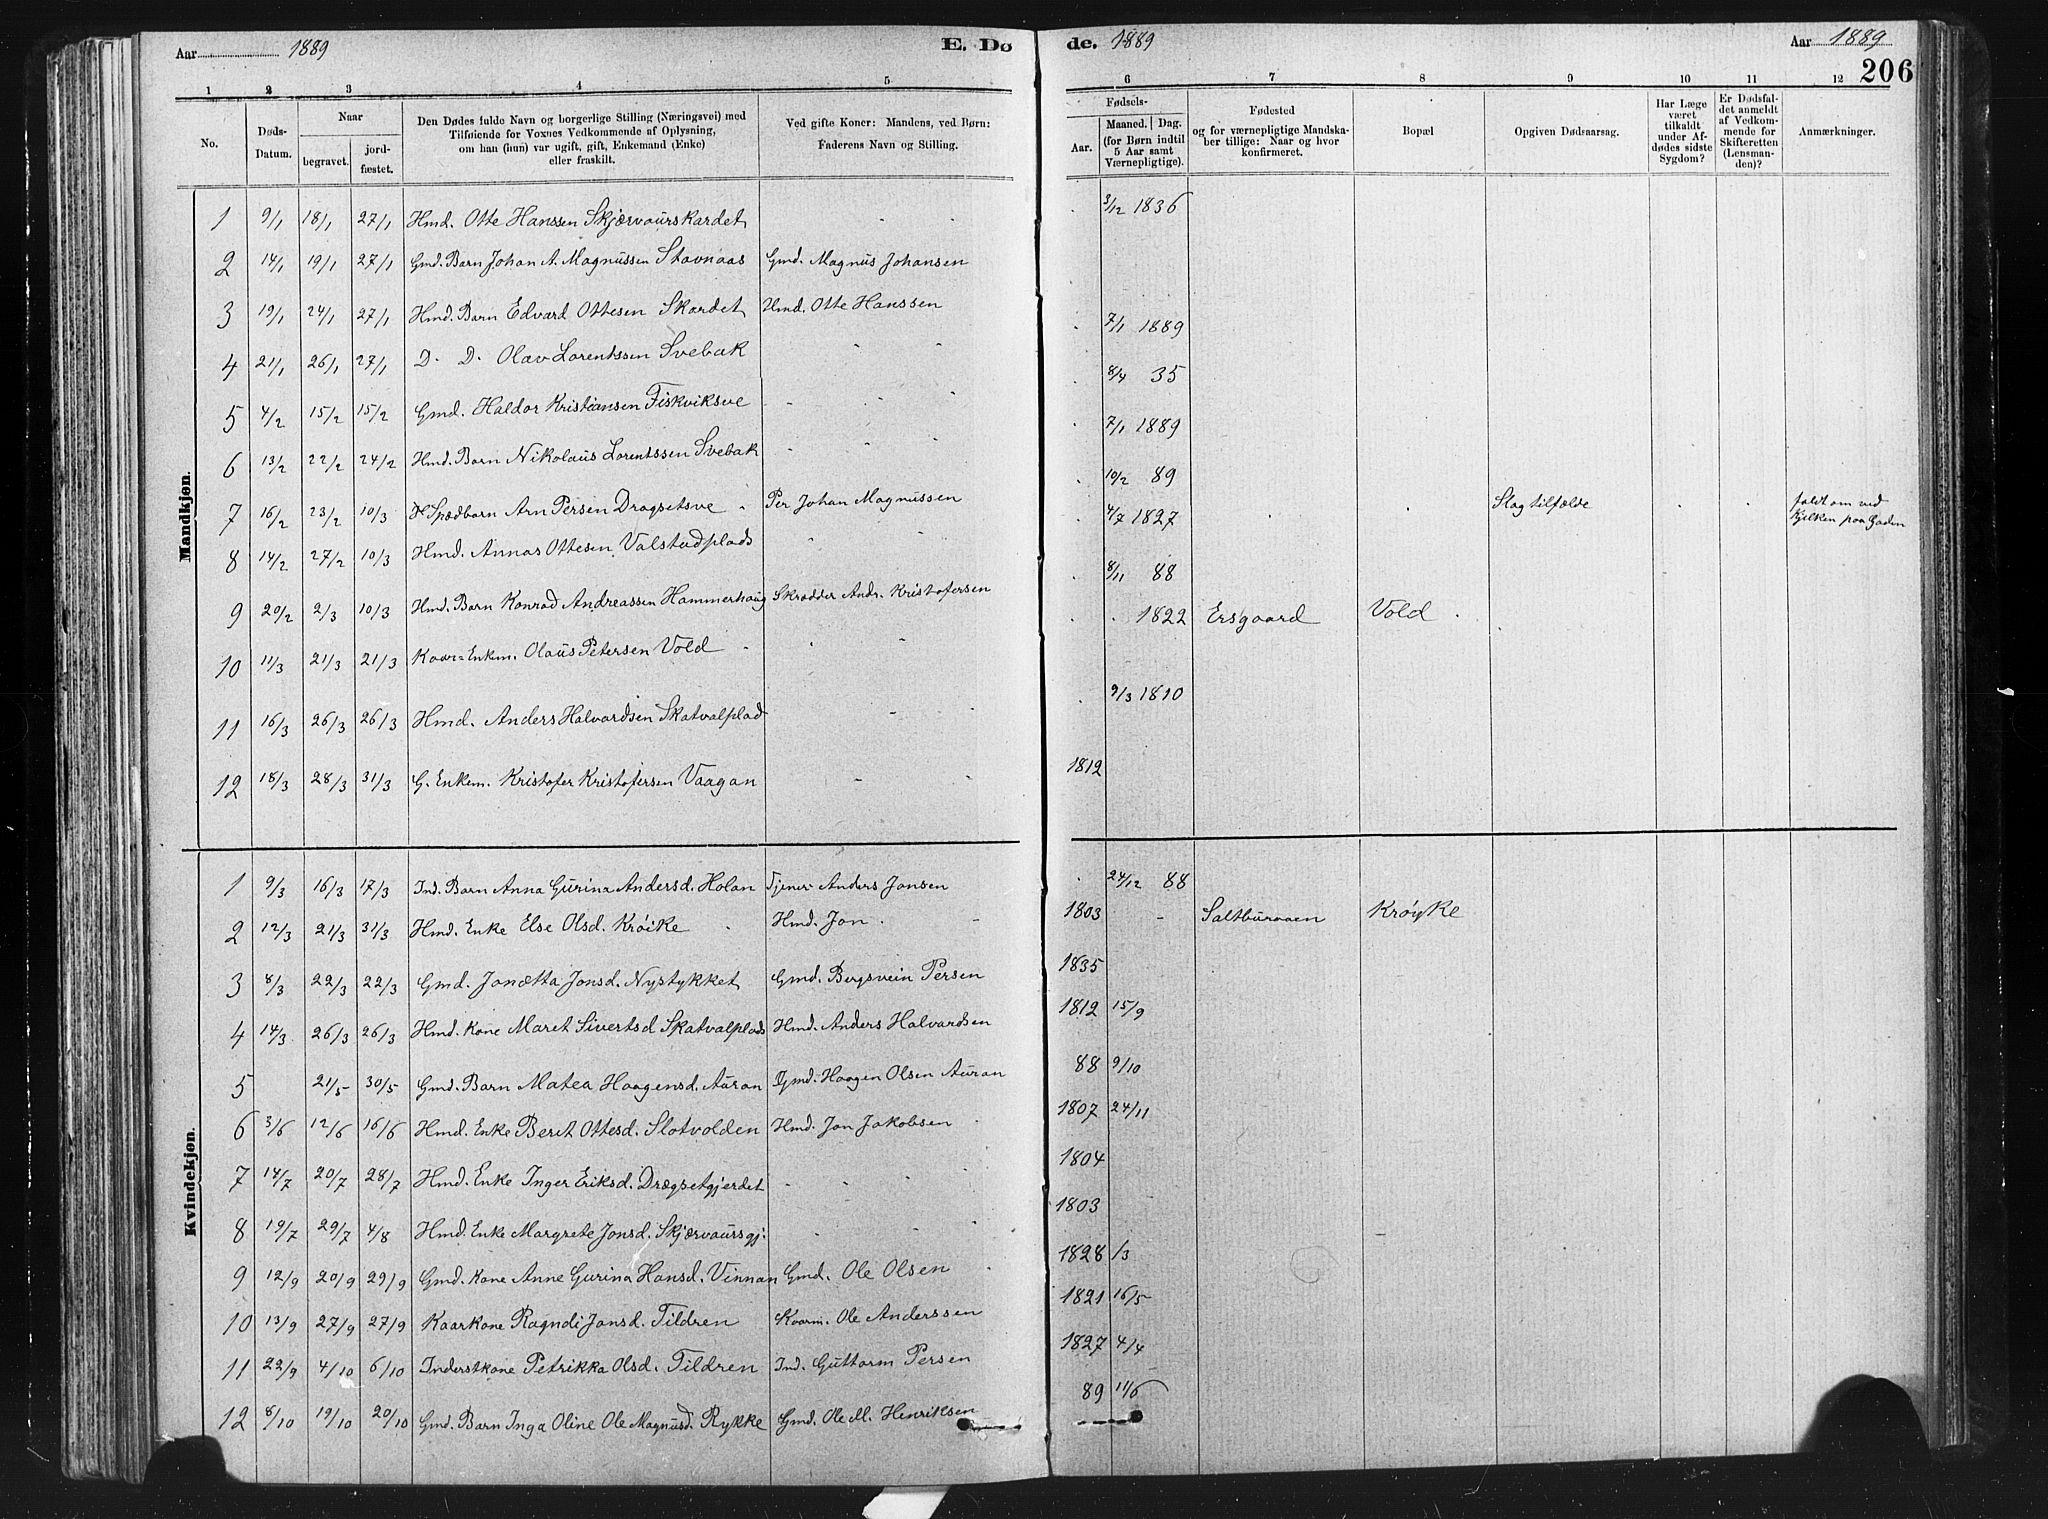 SAT, Ministerialprotokoller, klokkerbøker og fødselsregistre - Nord-Trøndelag, 712/L0103: Klokkerbok nr. 712C01, 1878-1917, s. 206